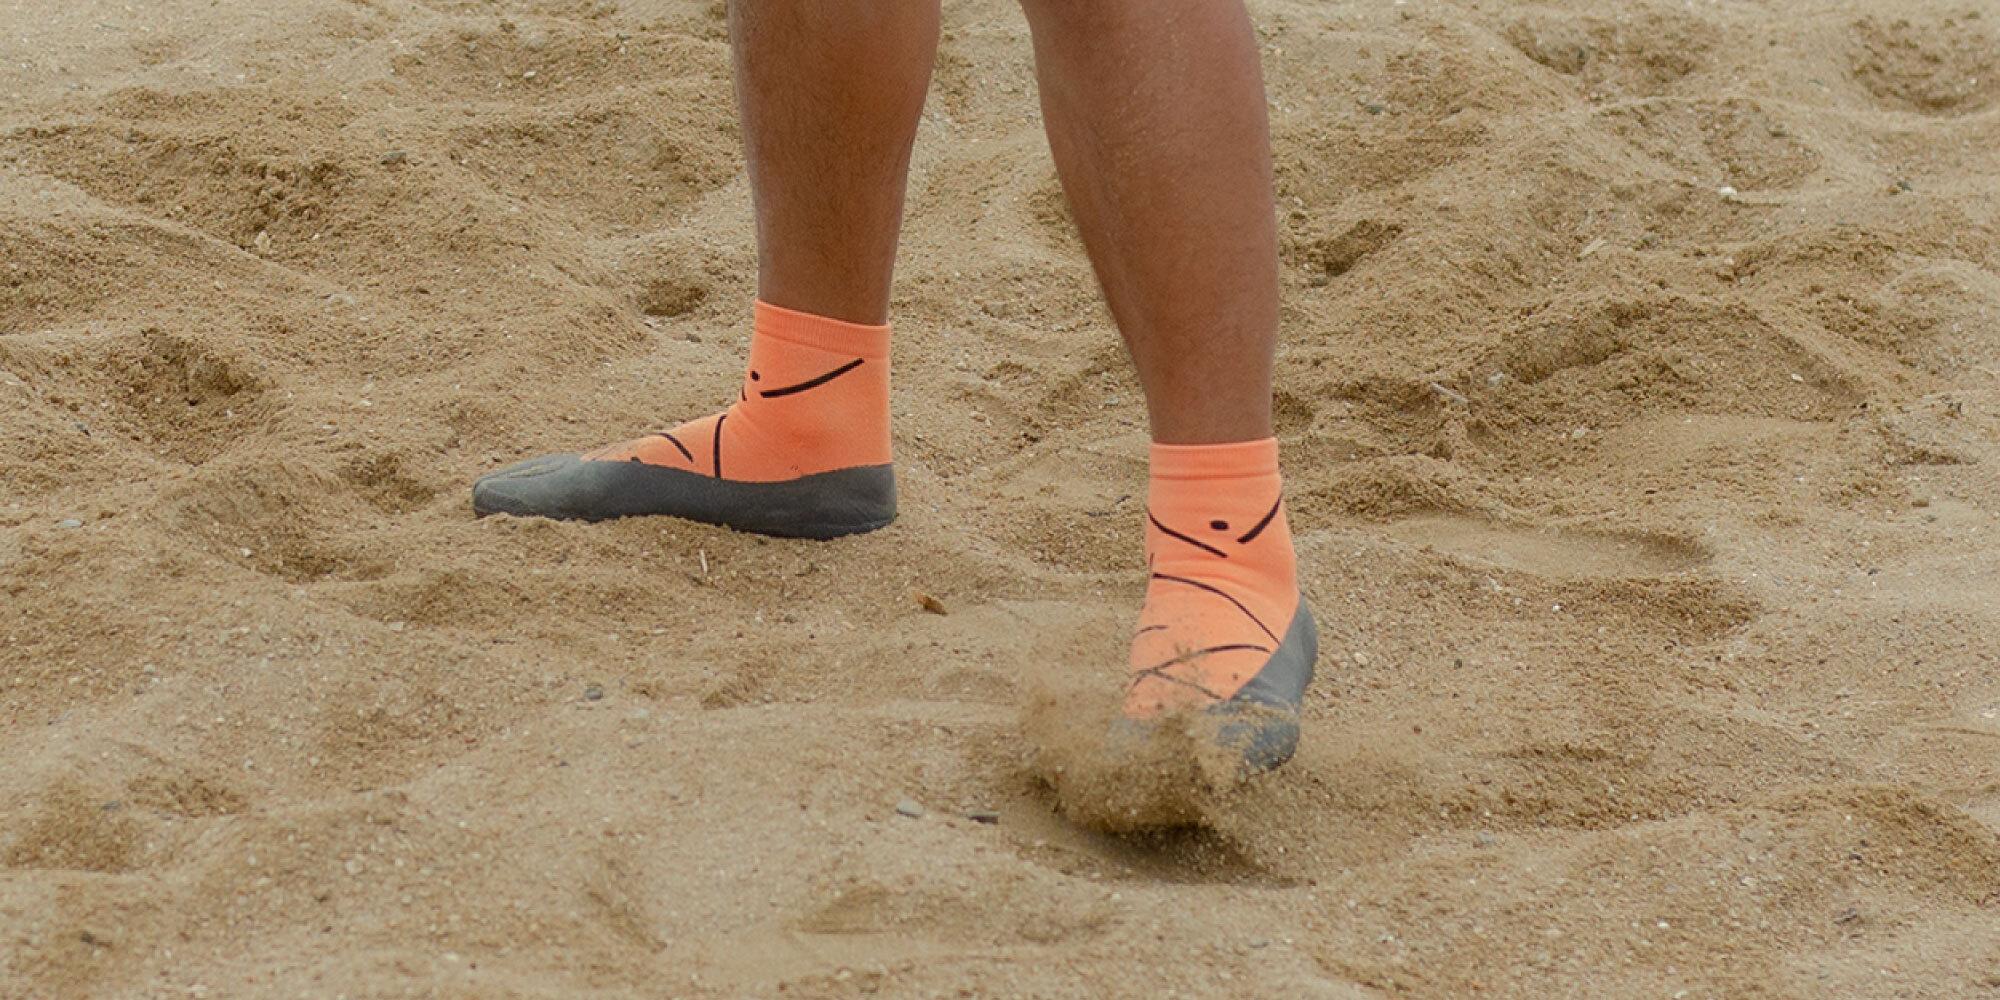 シューズでもなく、ソックスでもない、砂浜で快適に動ける一体型アクティブシューズ